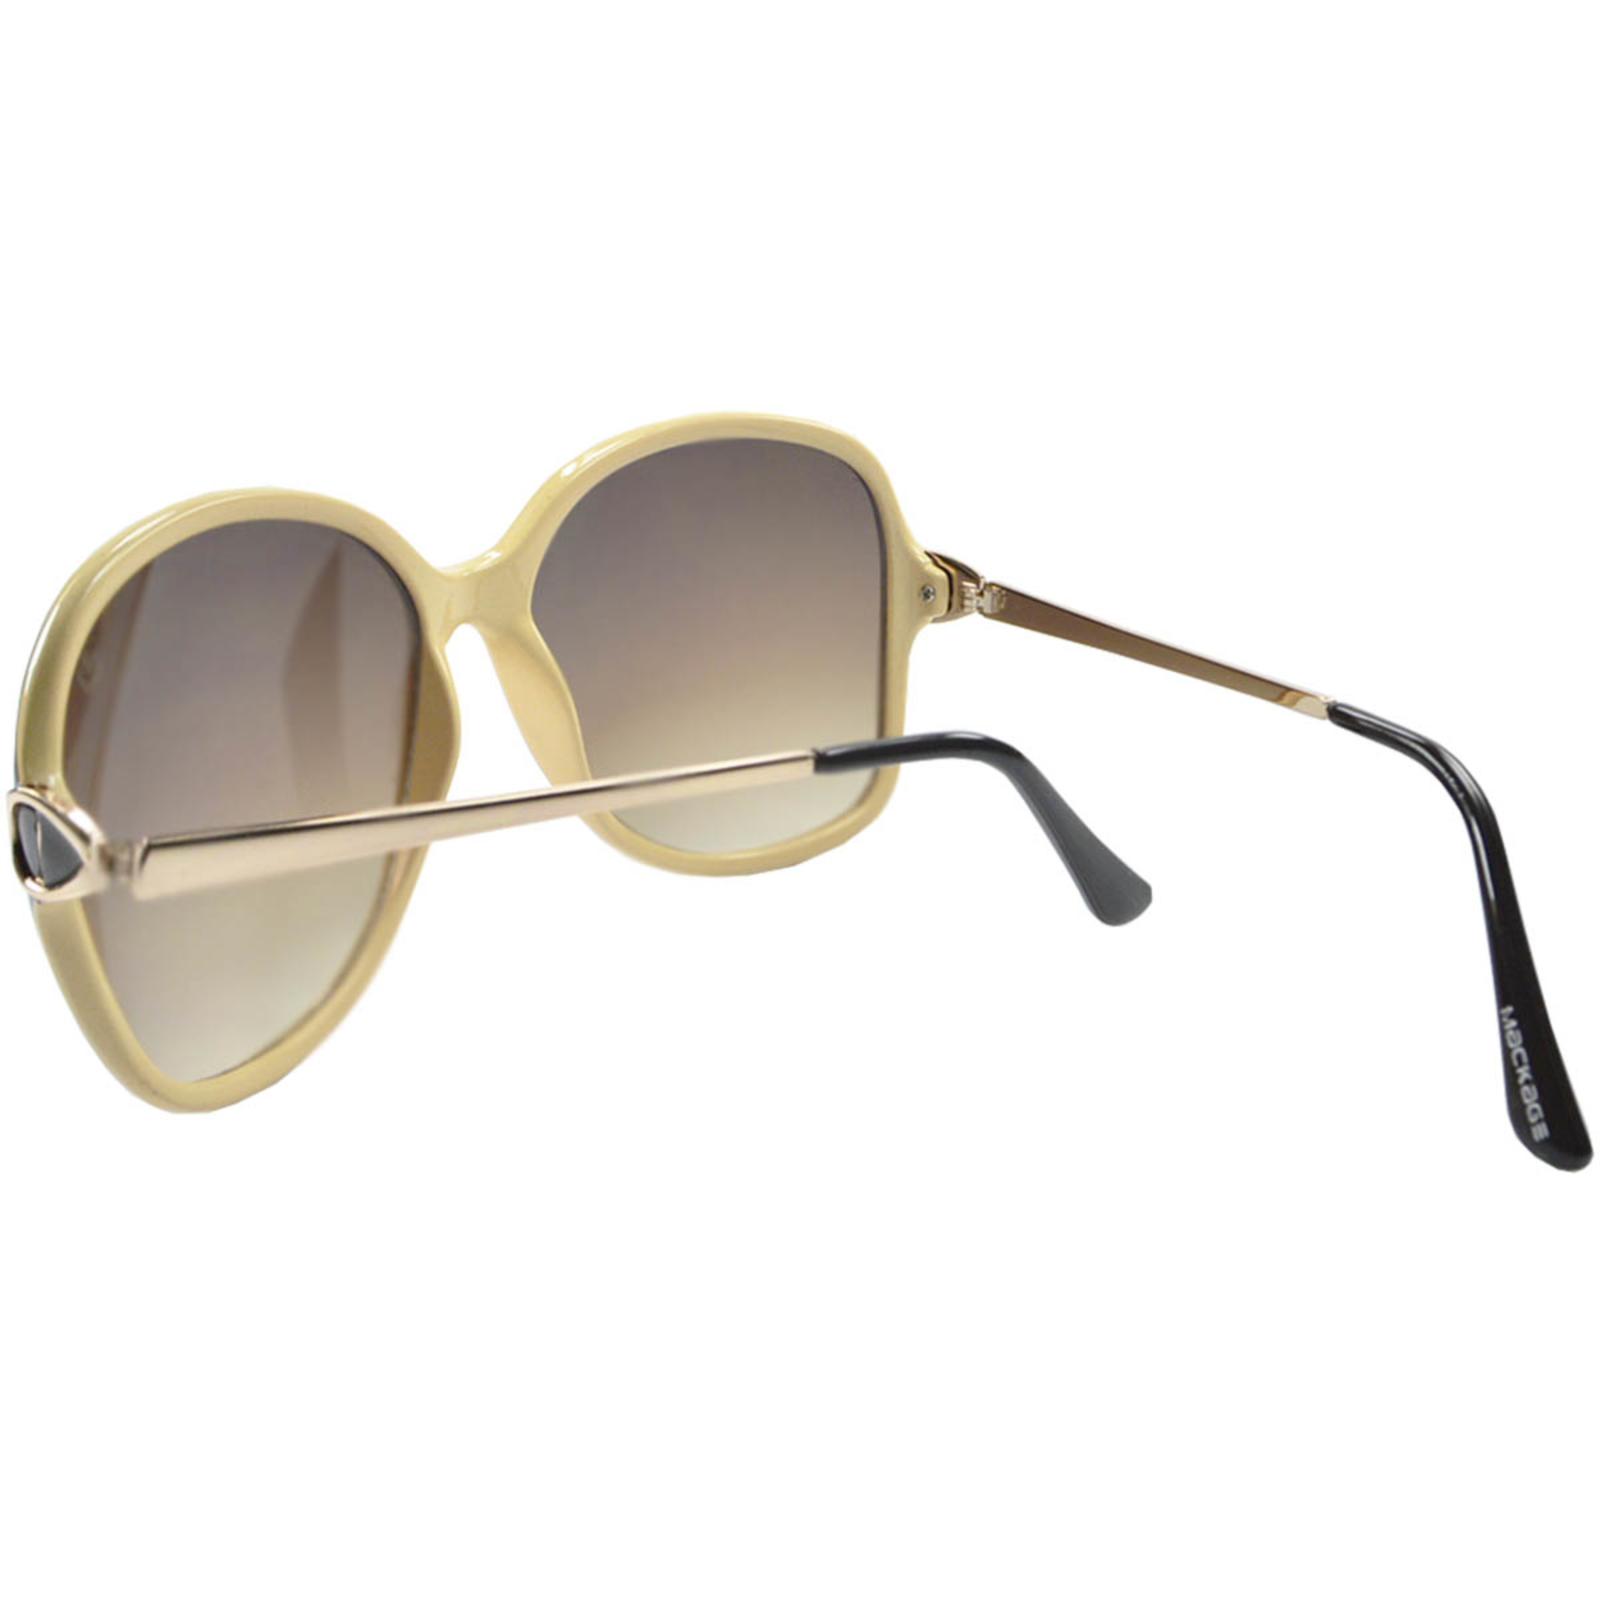 Óculos de Sol Mackage Feminino Acetato Oversize - Preto/Bege